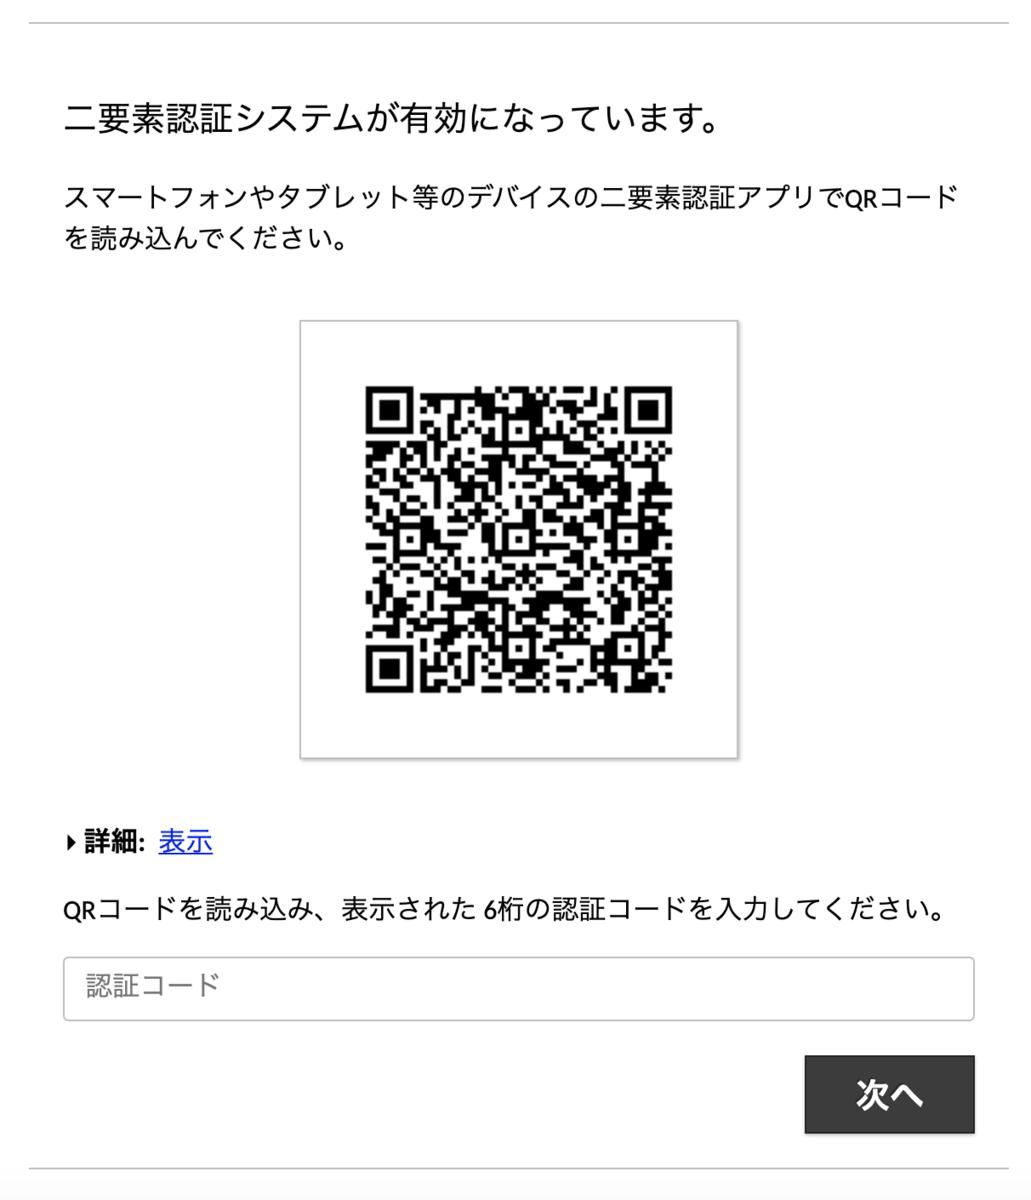 f:id:cloudfish:20200420194326p:plain:w200